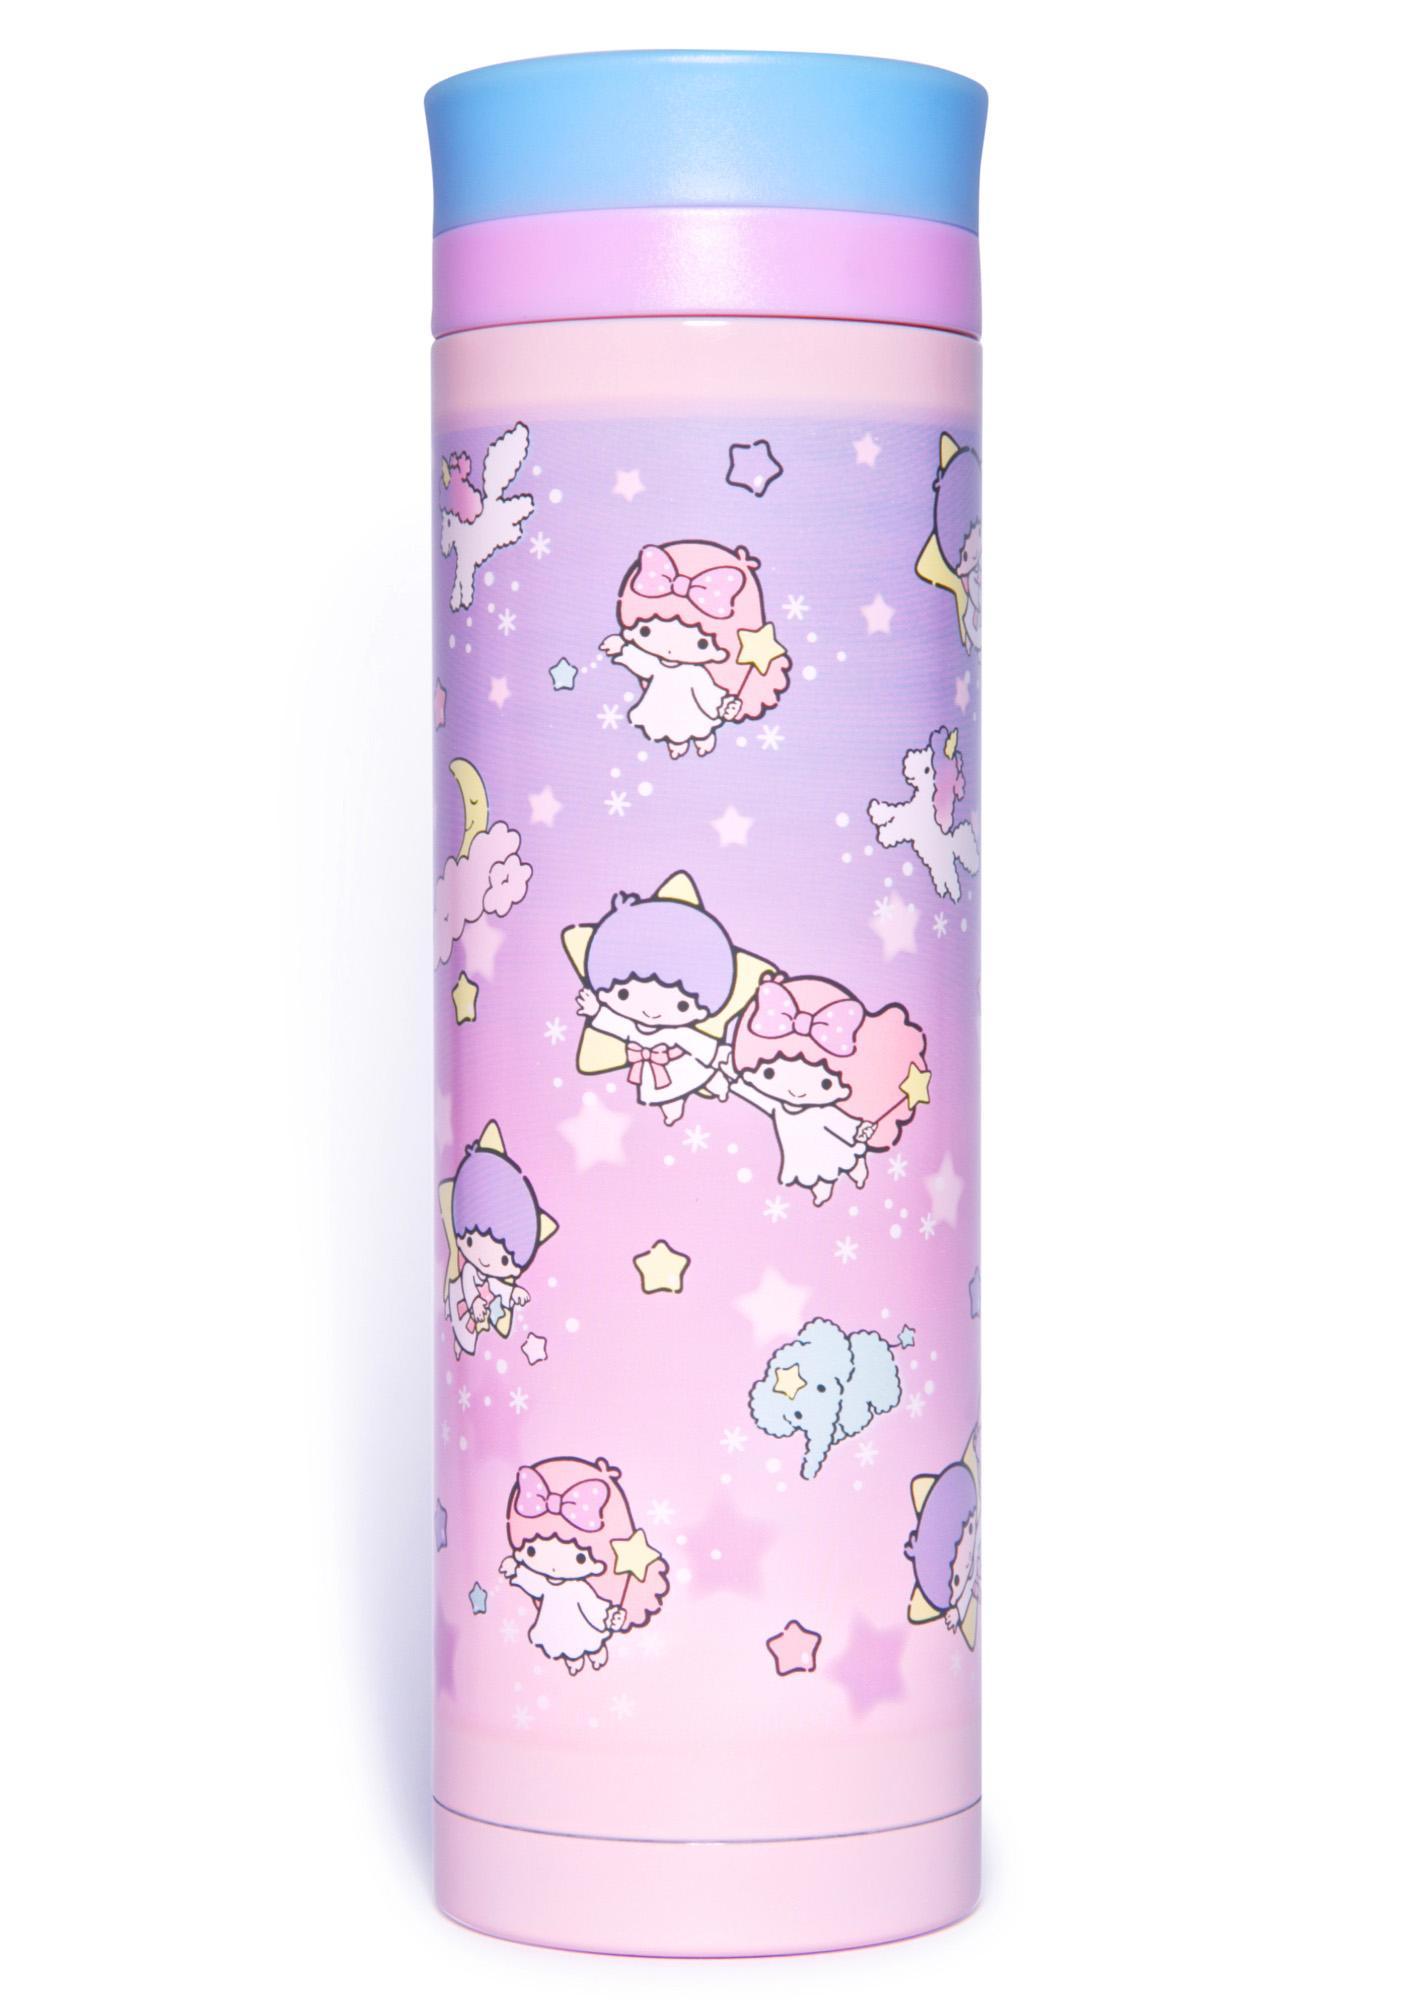 Sanrio Little Twin Stars Ombré Water Bottle